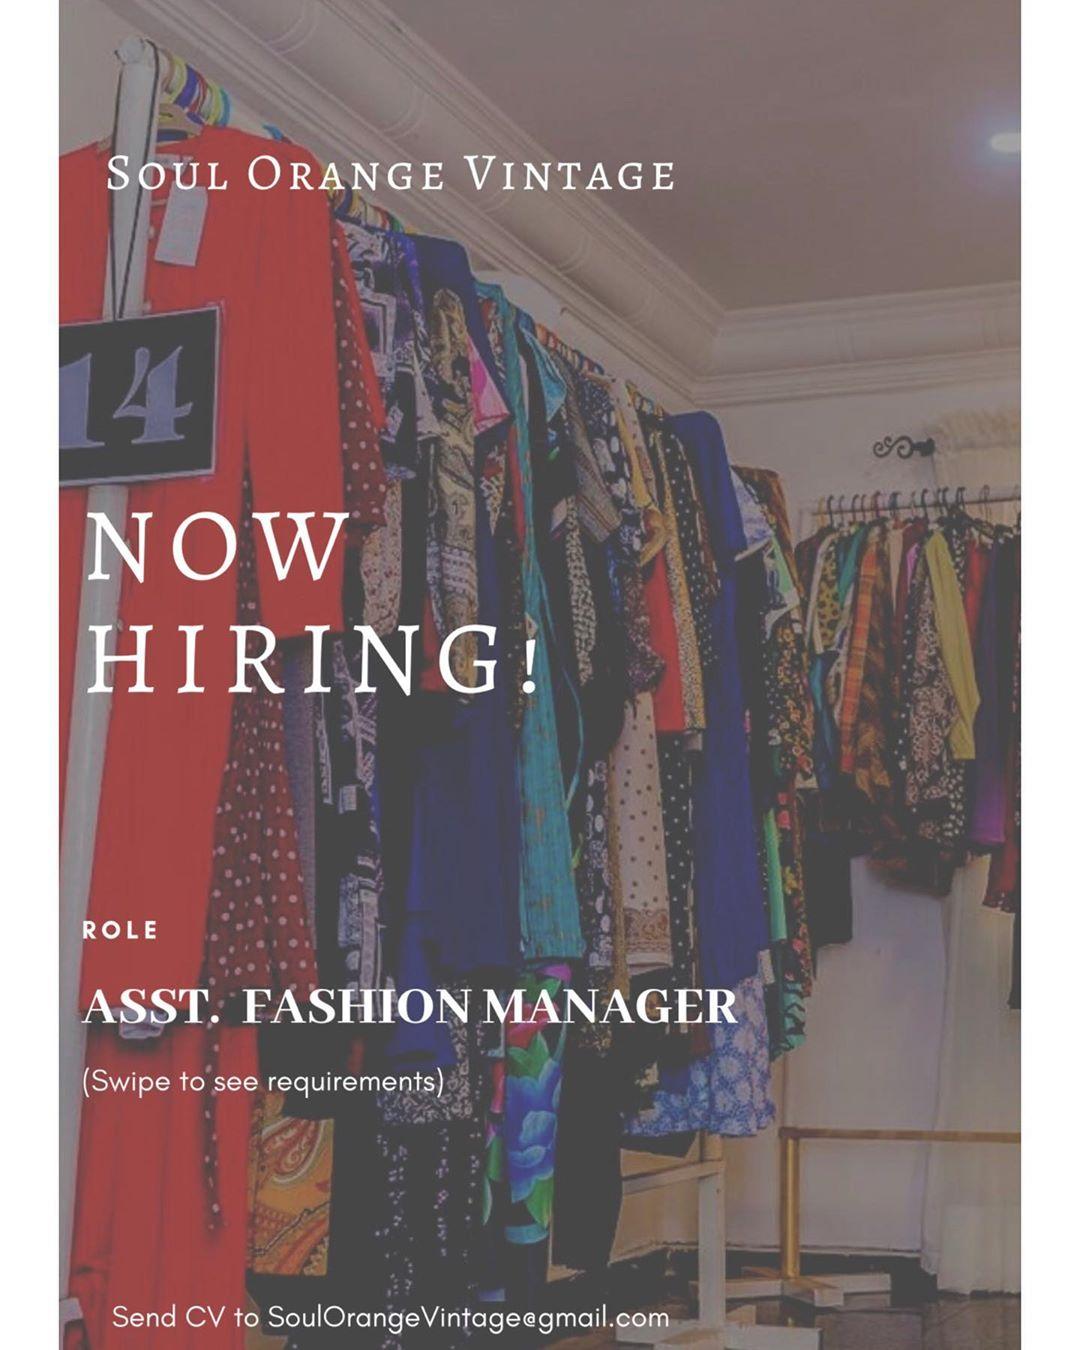 Assistant Fashion Manager Needed At Soul Orange Vintage Amx